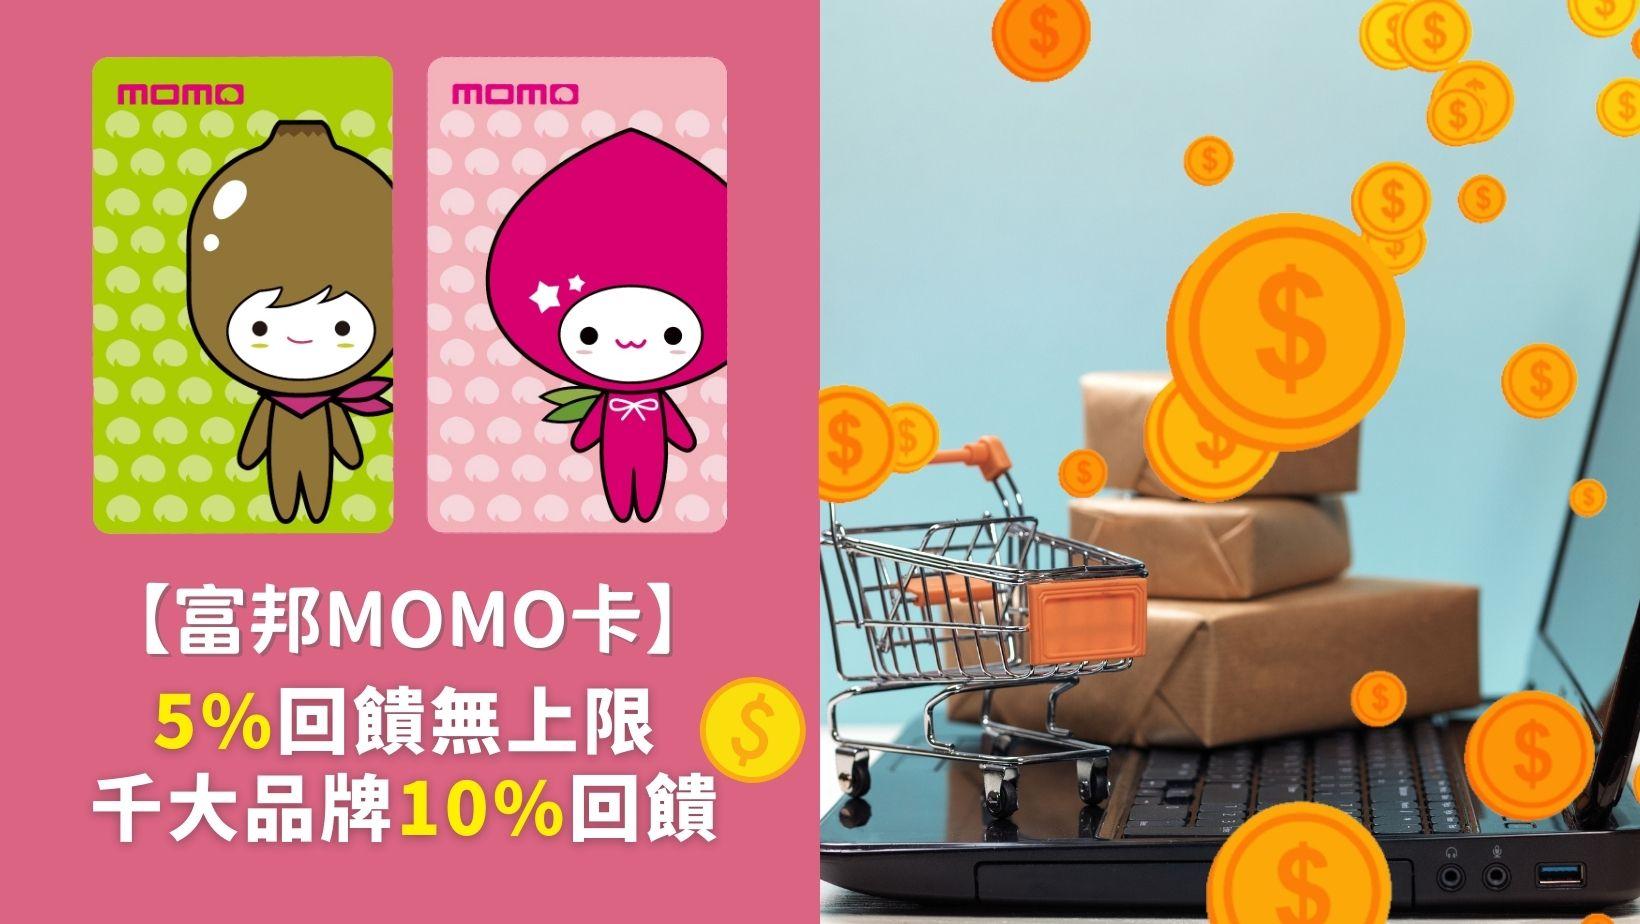 【富邦momo卡】雙11必備信用卡 最高10%回饋無上限